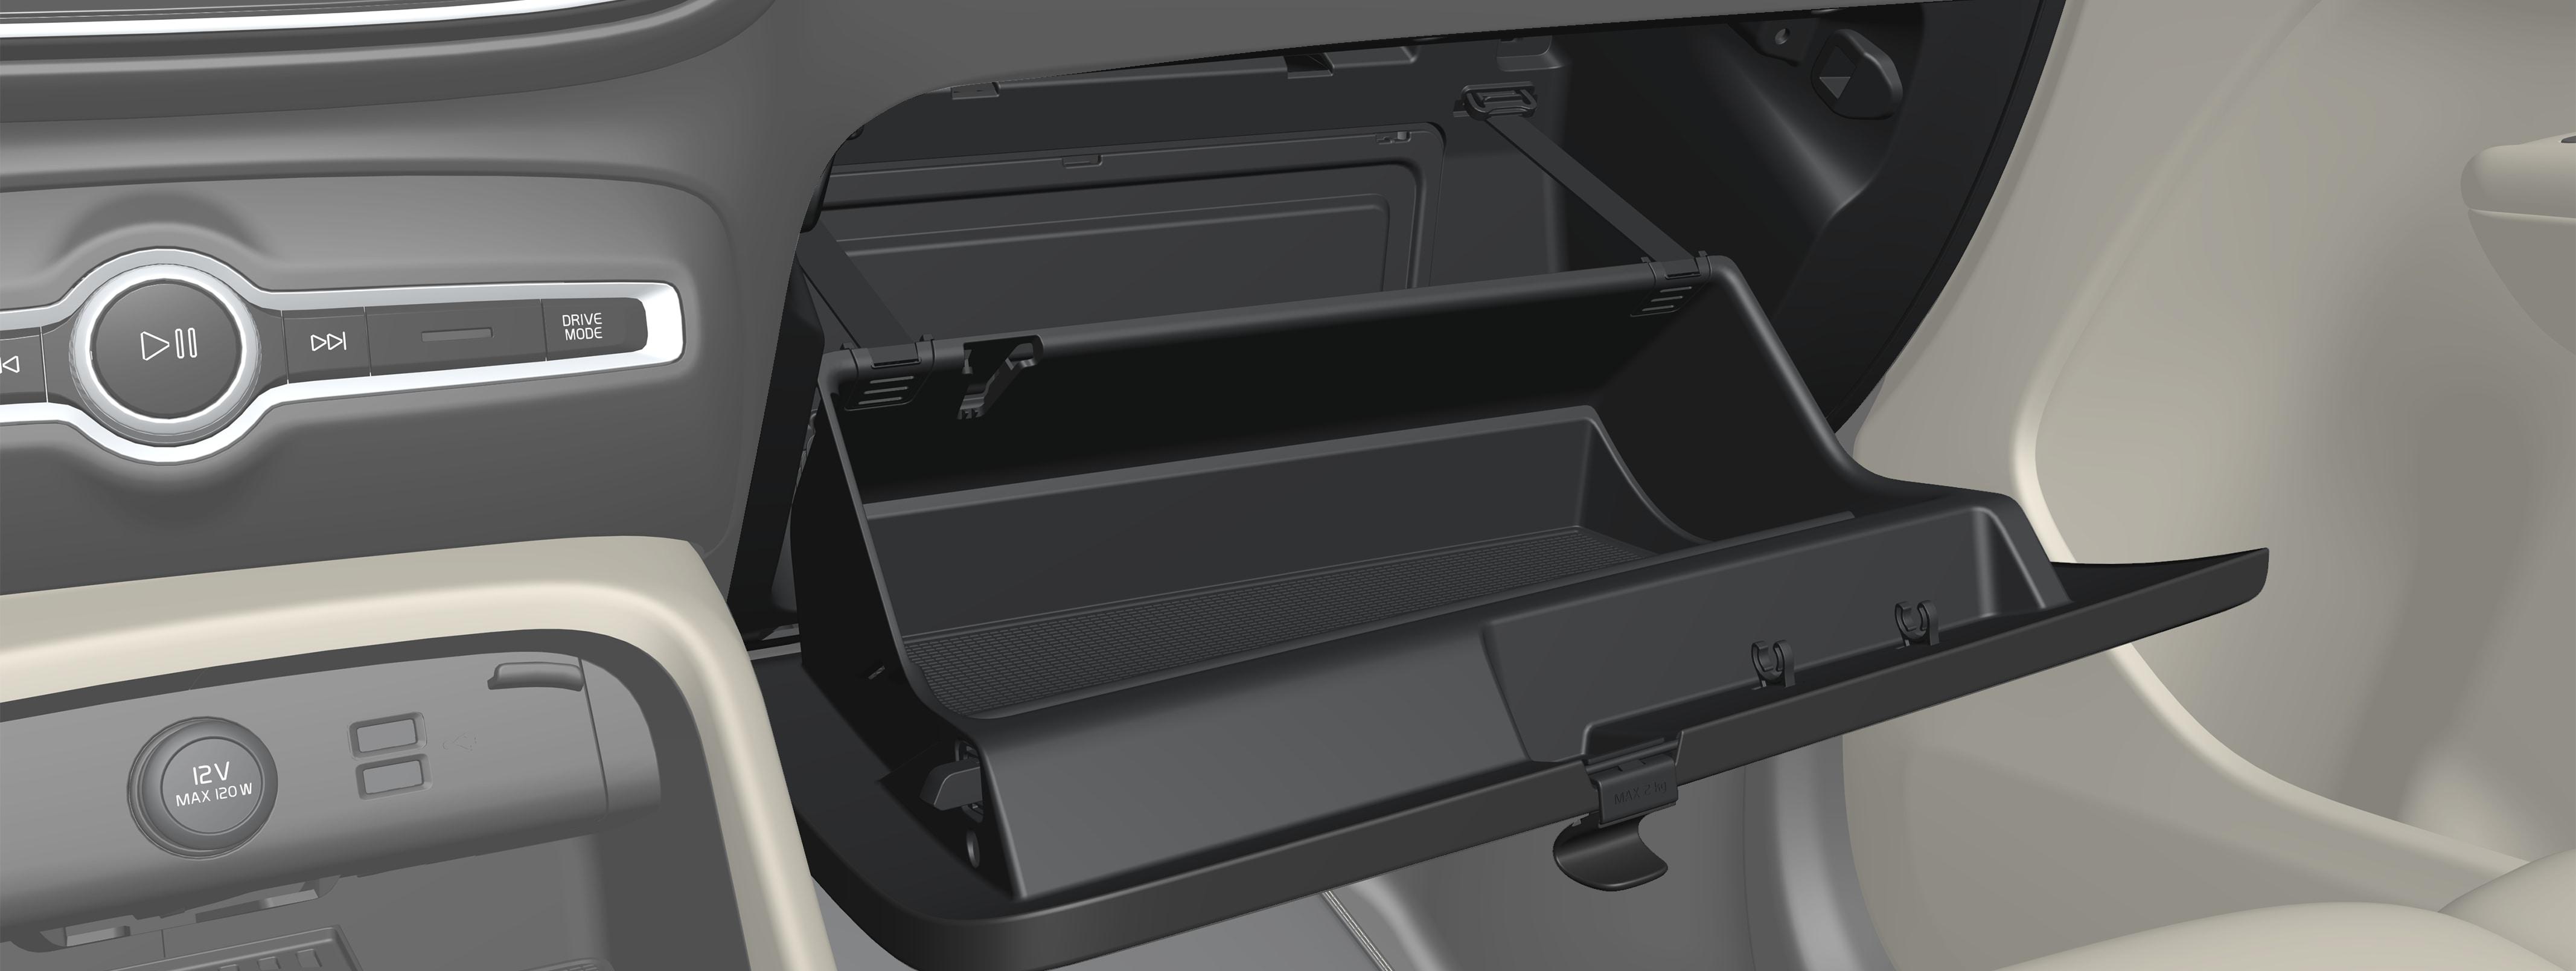 P6-1746-XC40-Glove box